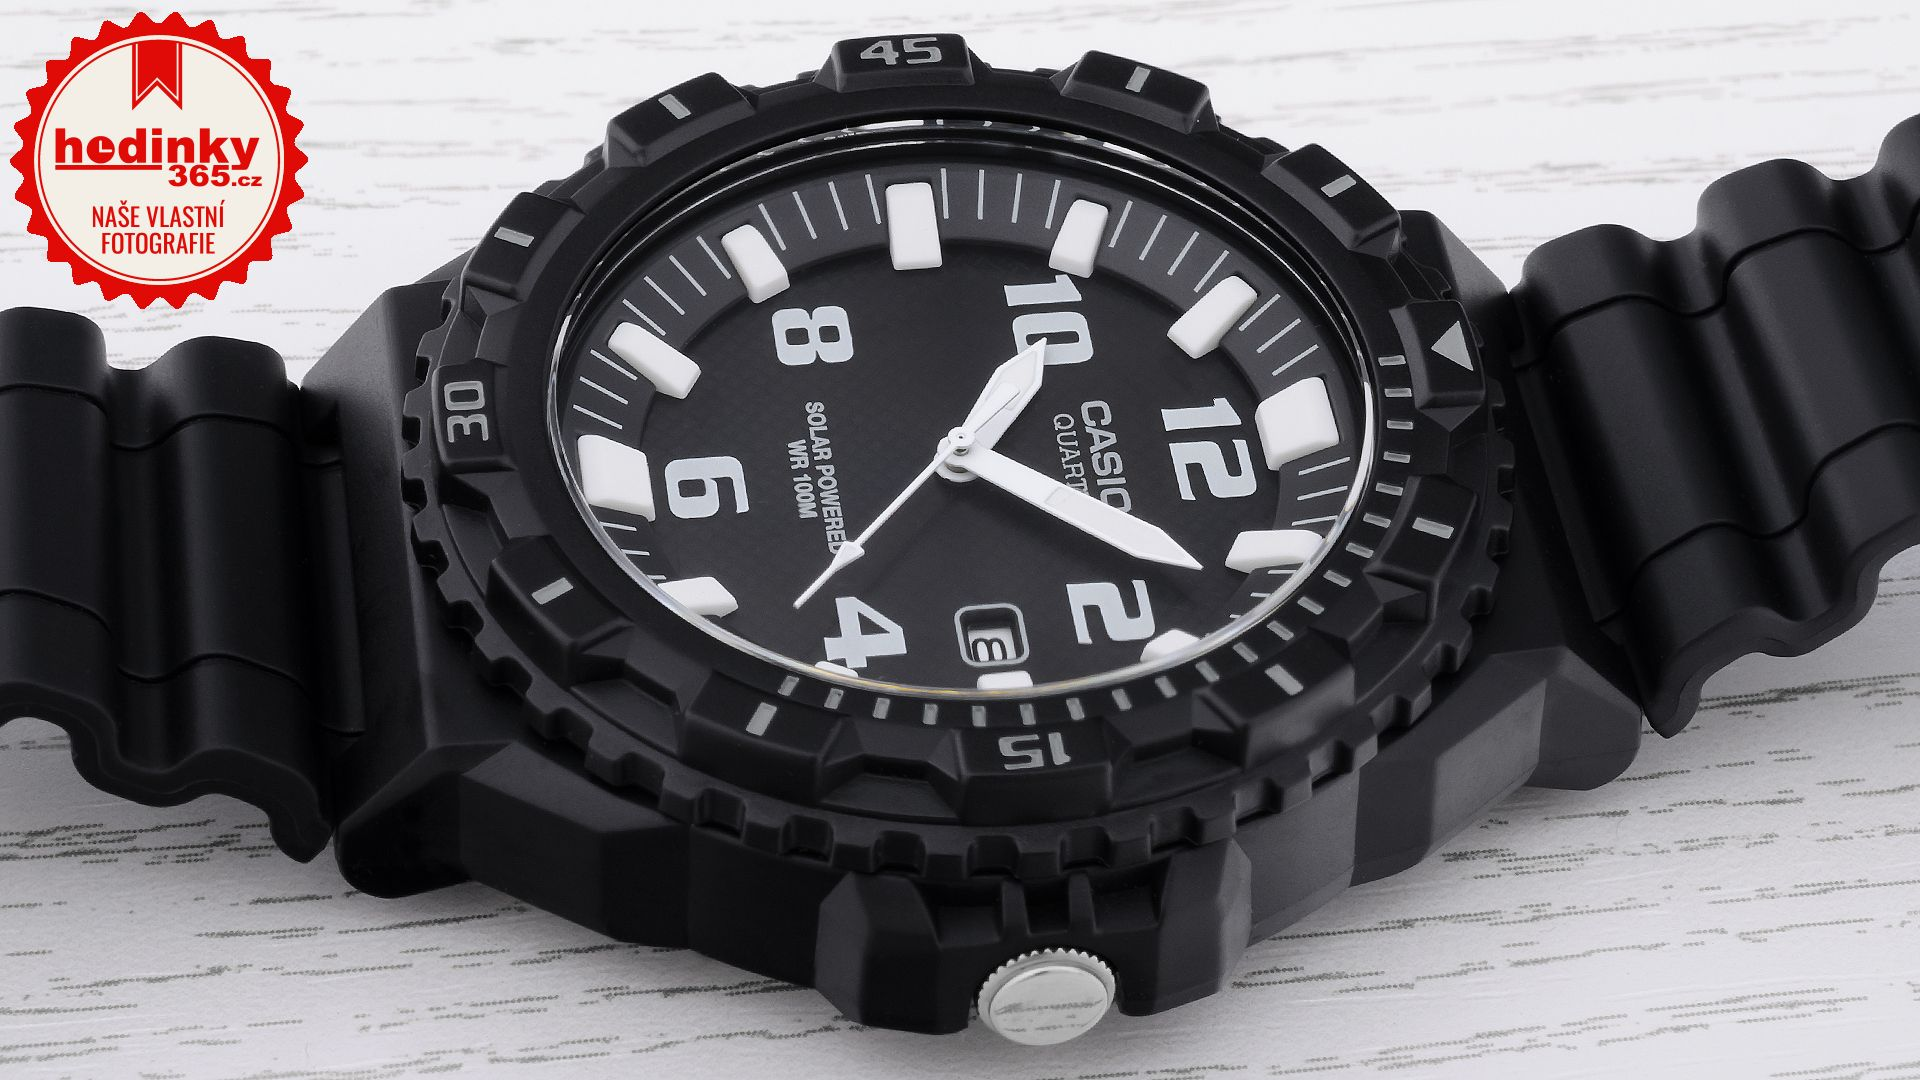 fb2c18d3e91 Casio Collection MRW-S300H-1BVEF. Pánské hodinky - pryskyřicový řemínek